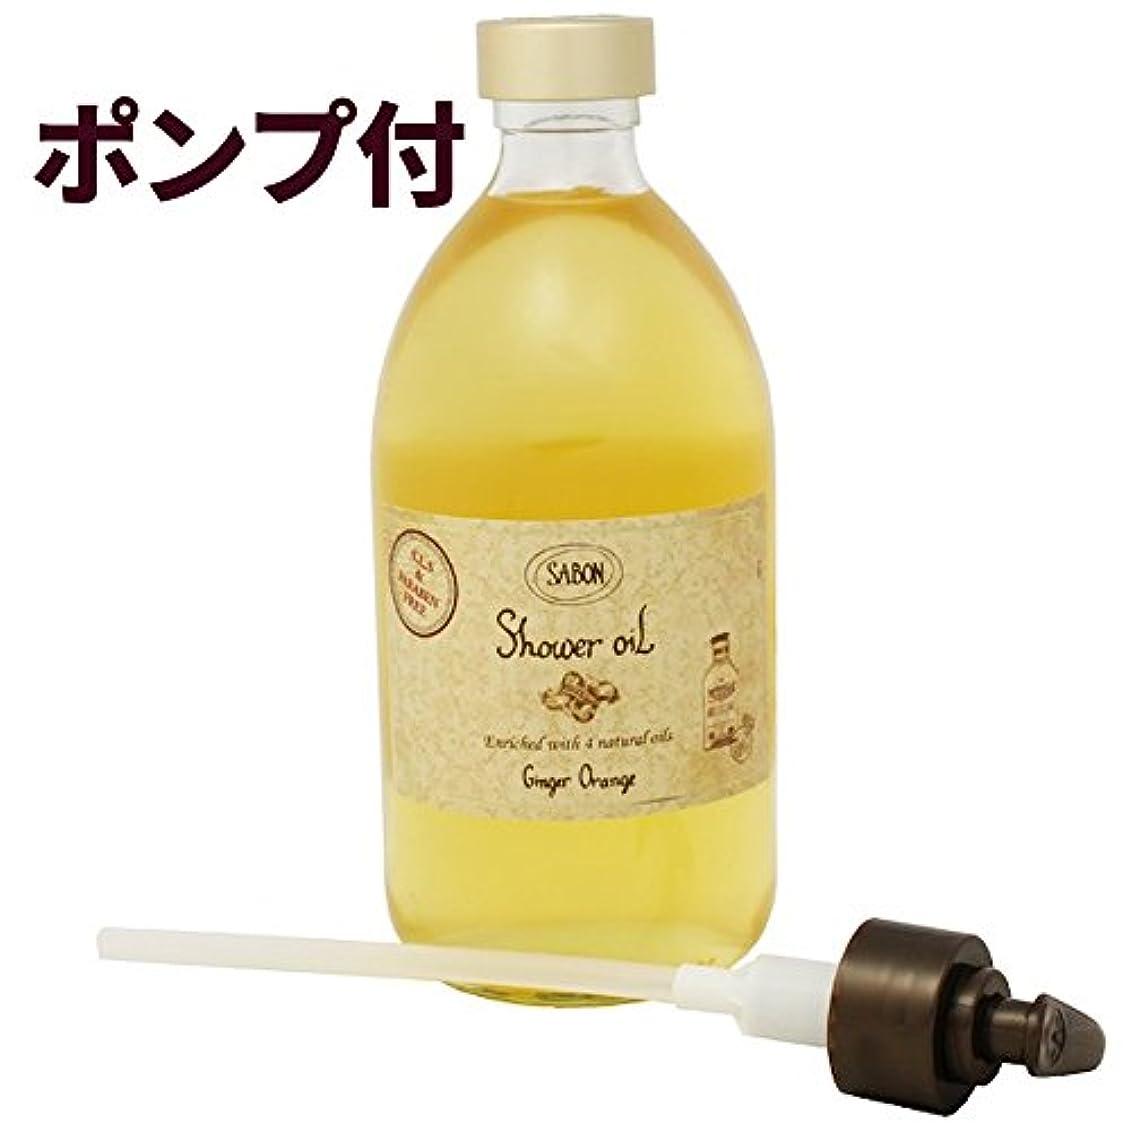 復讐理解モデレータサボン シャワーオイル ジンジャーオレンジ 500ml(並行輸入品)